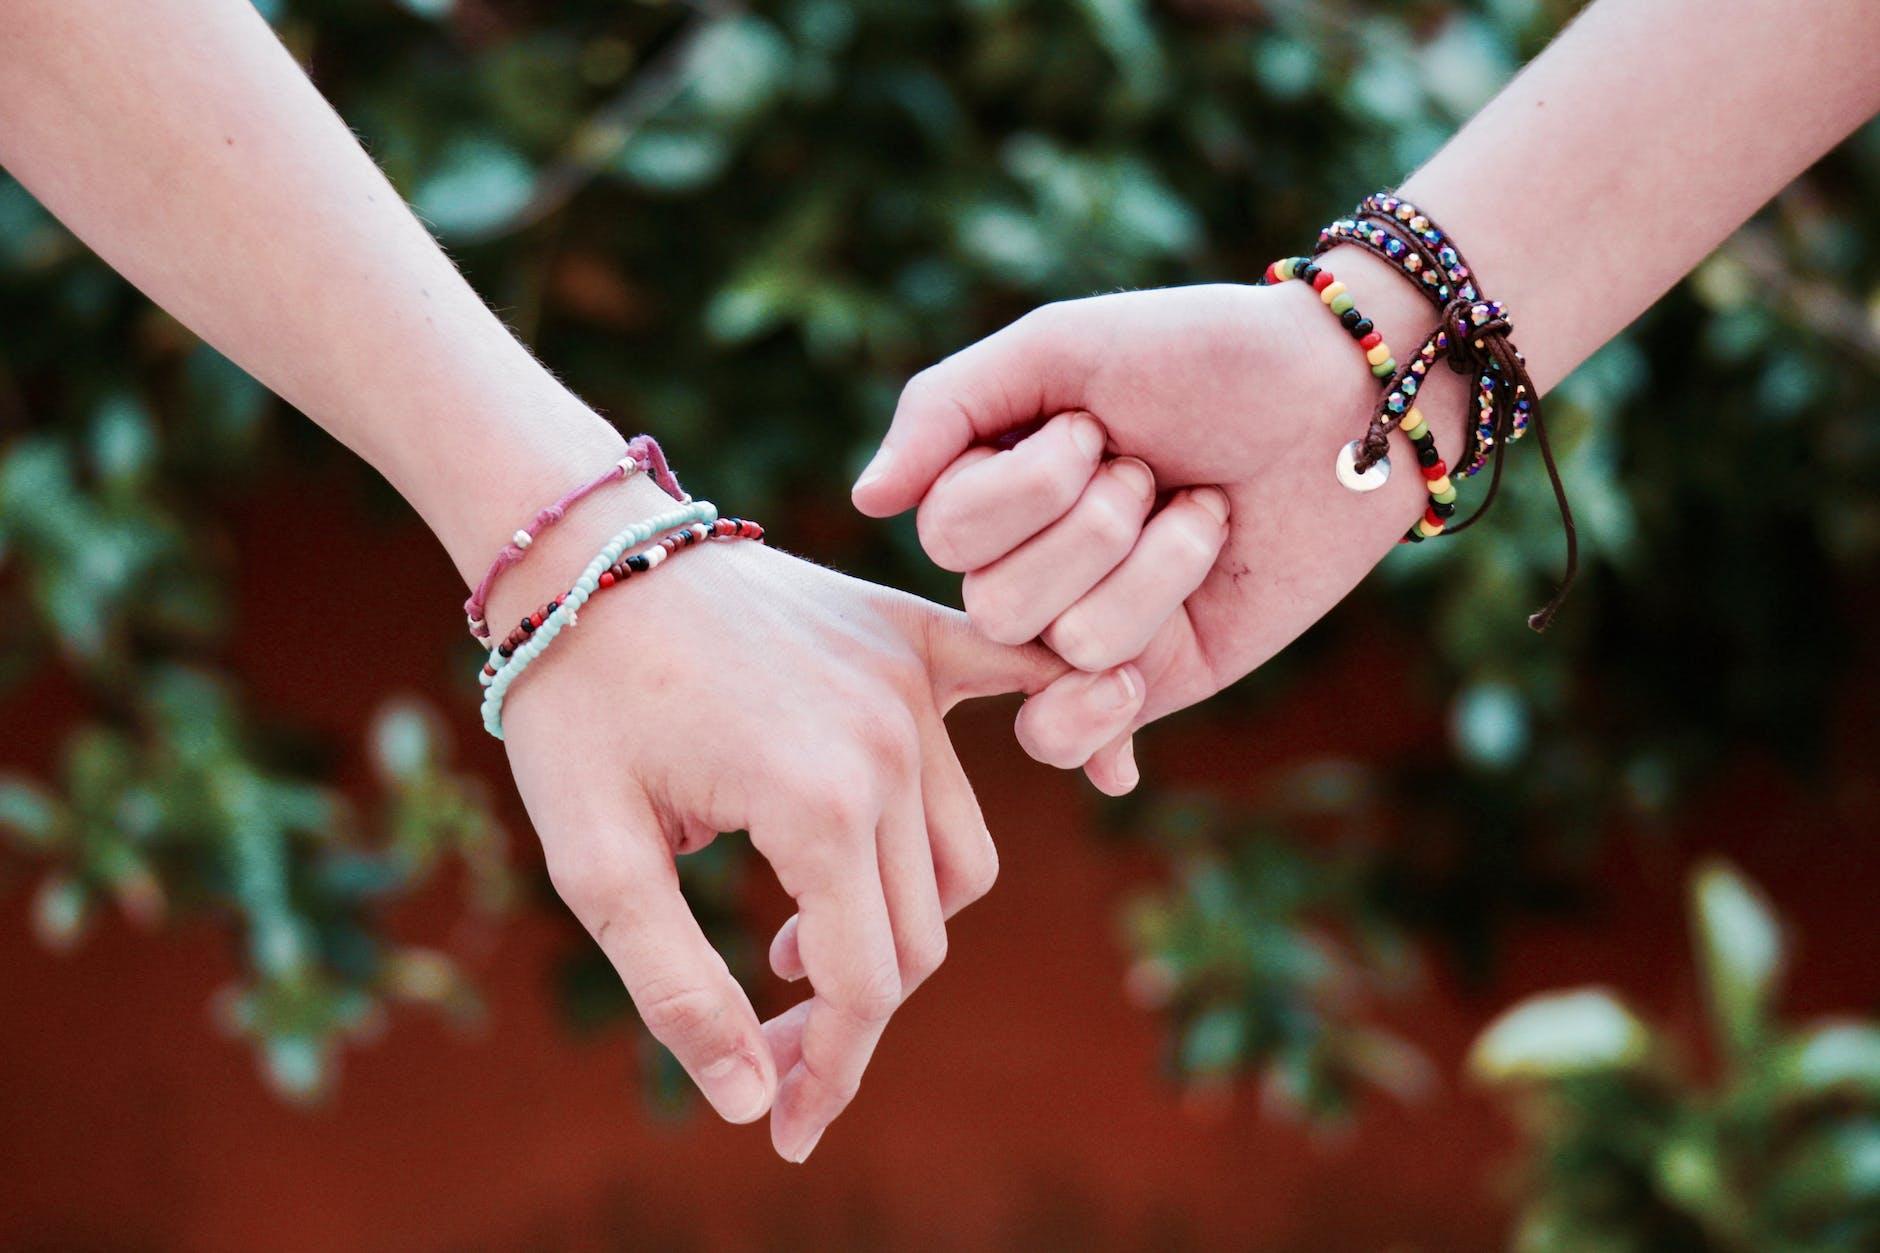 Reconquistar após o fim de relação curta